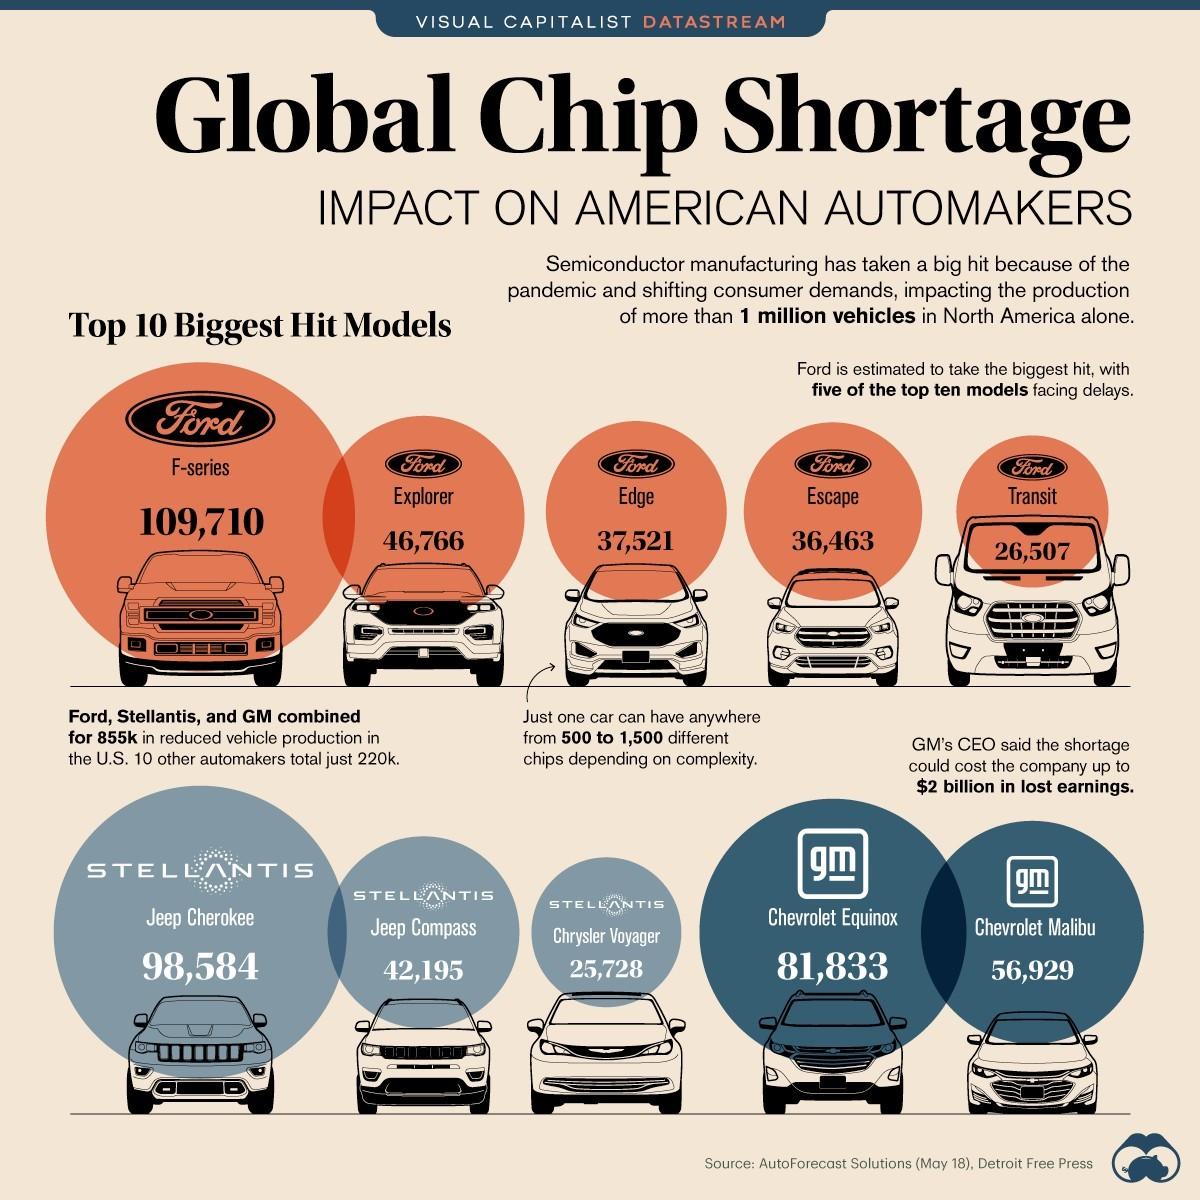 米自動車メーカーの半導体供給問題での車種単位での減産 https://www.visualcapitalist.com/global-chip-shortage-impact-on-american-automakers/